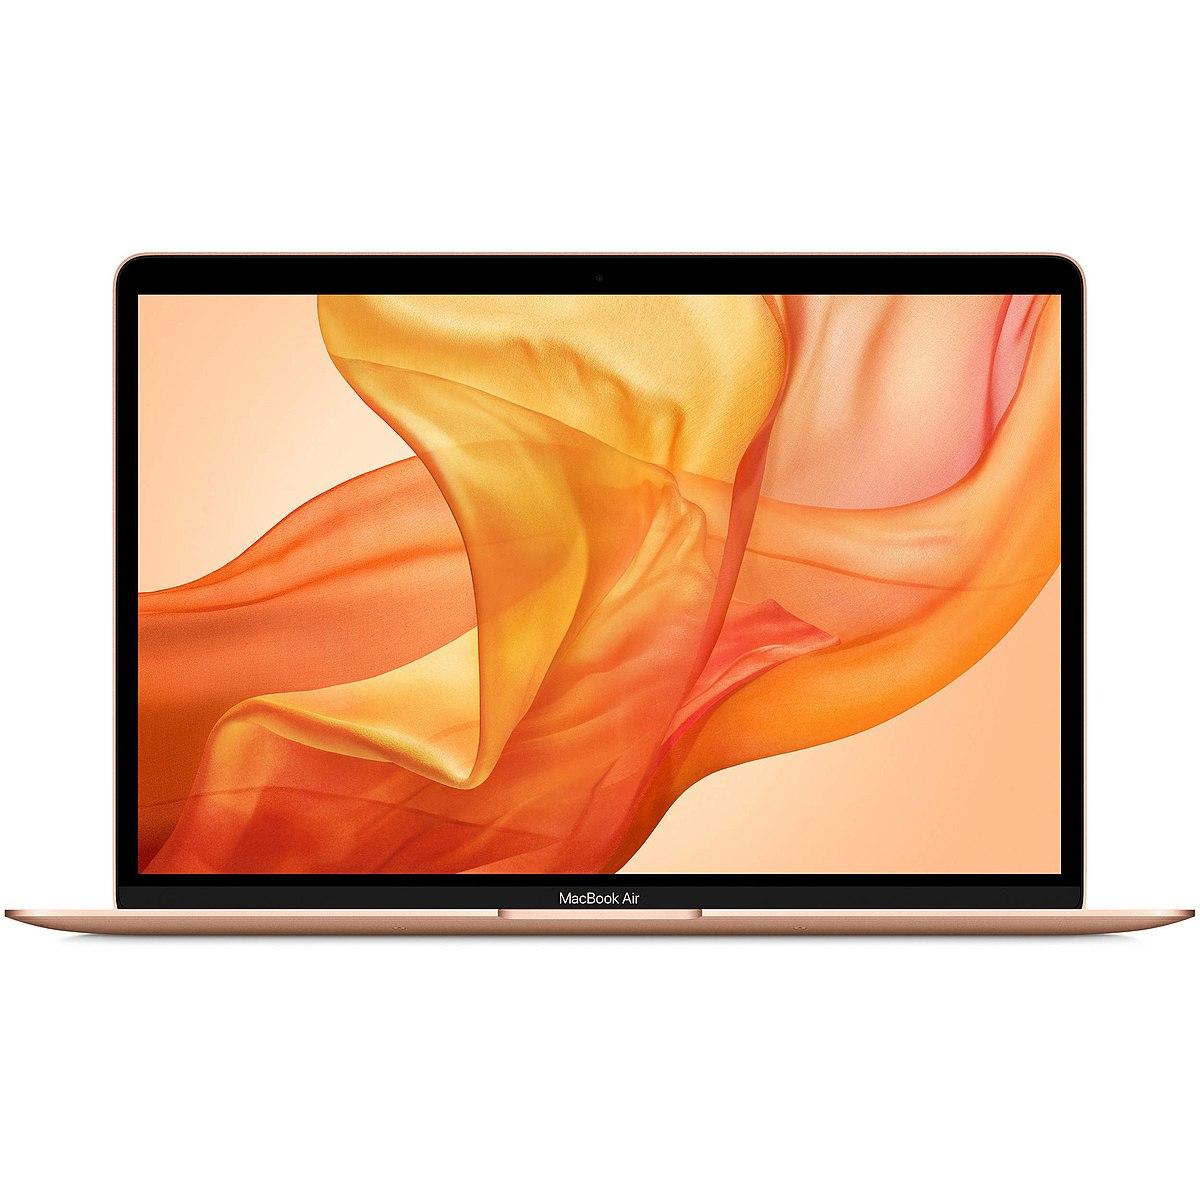 MacBook Air Rose Gold